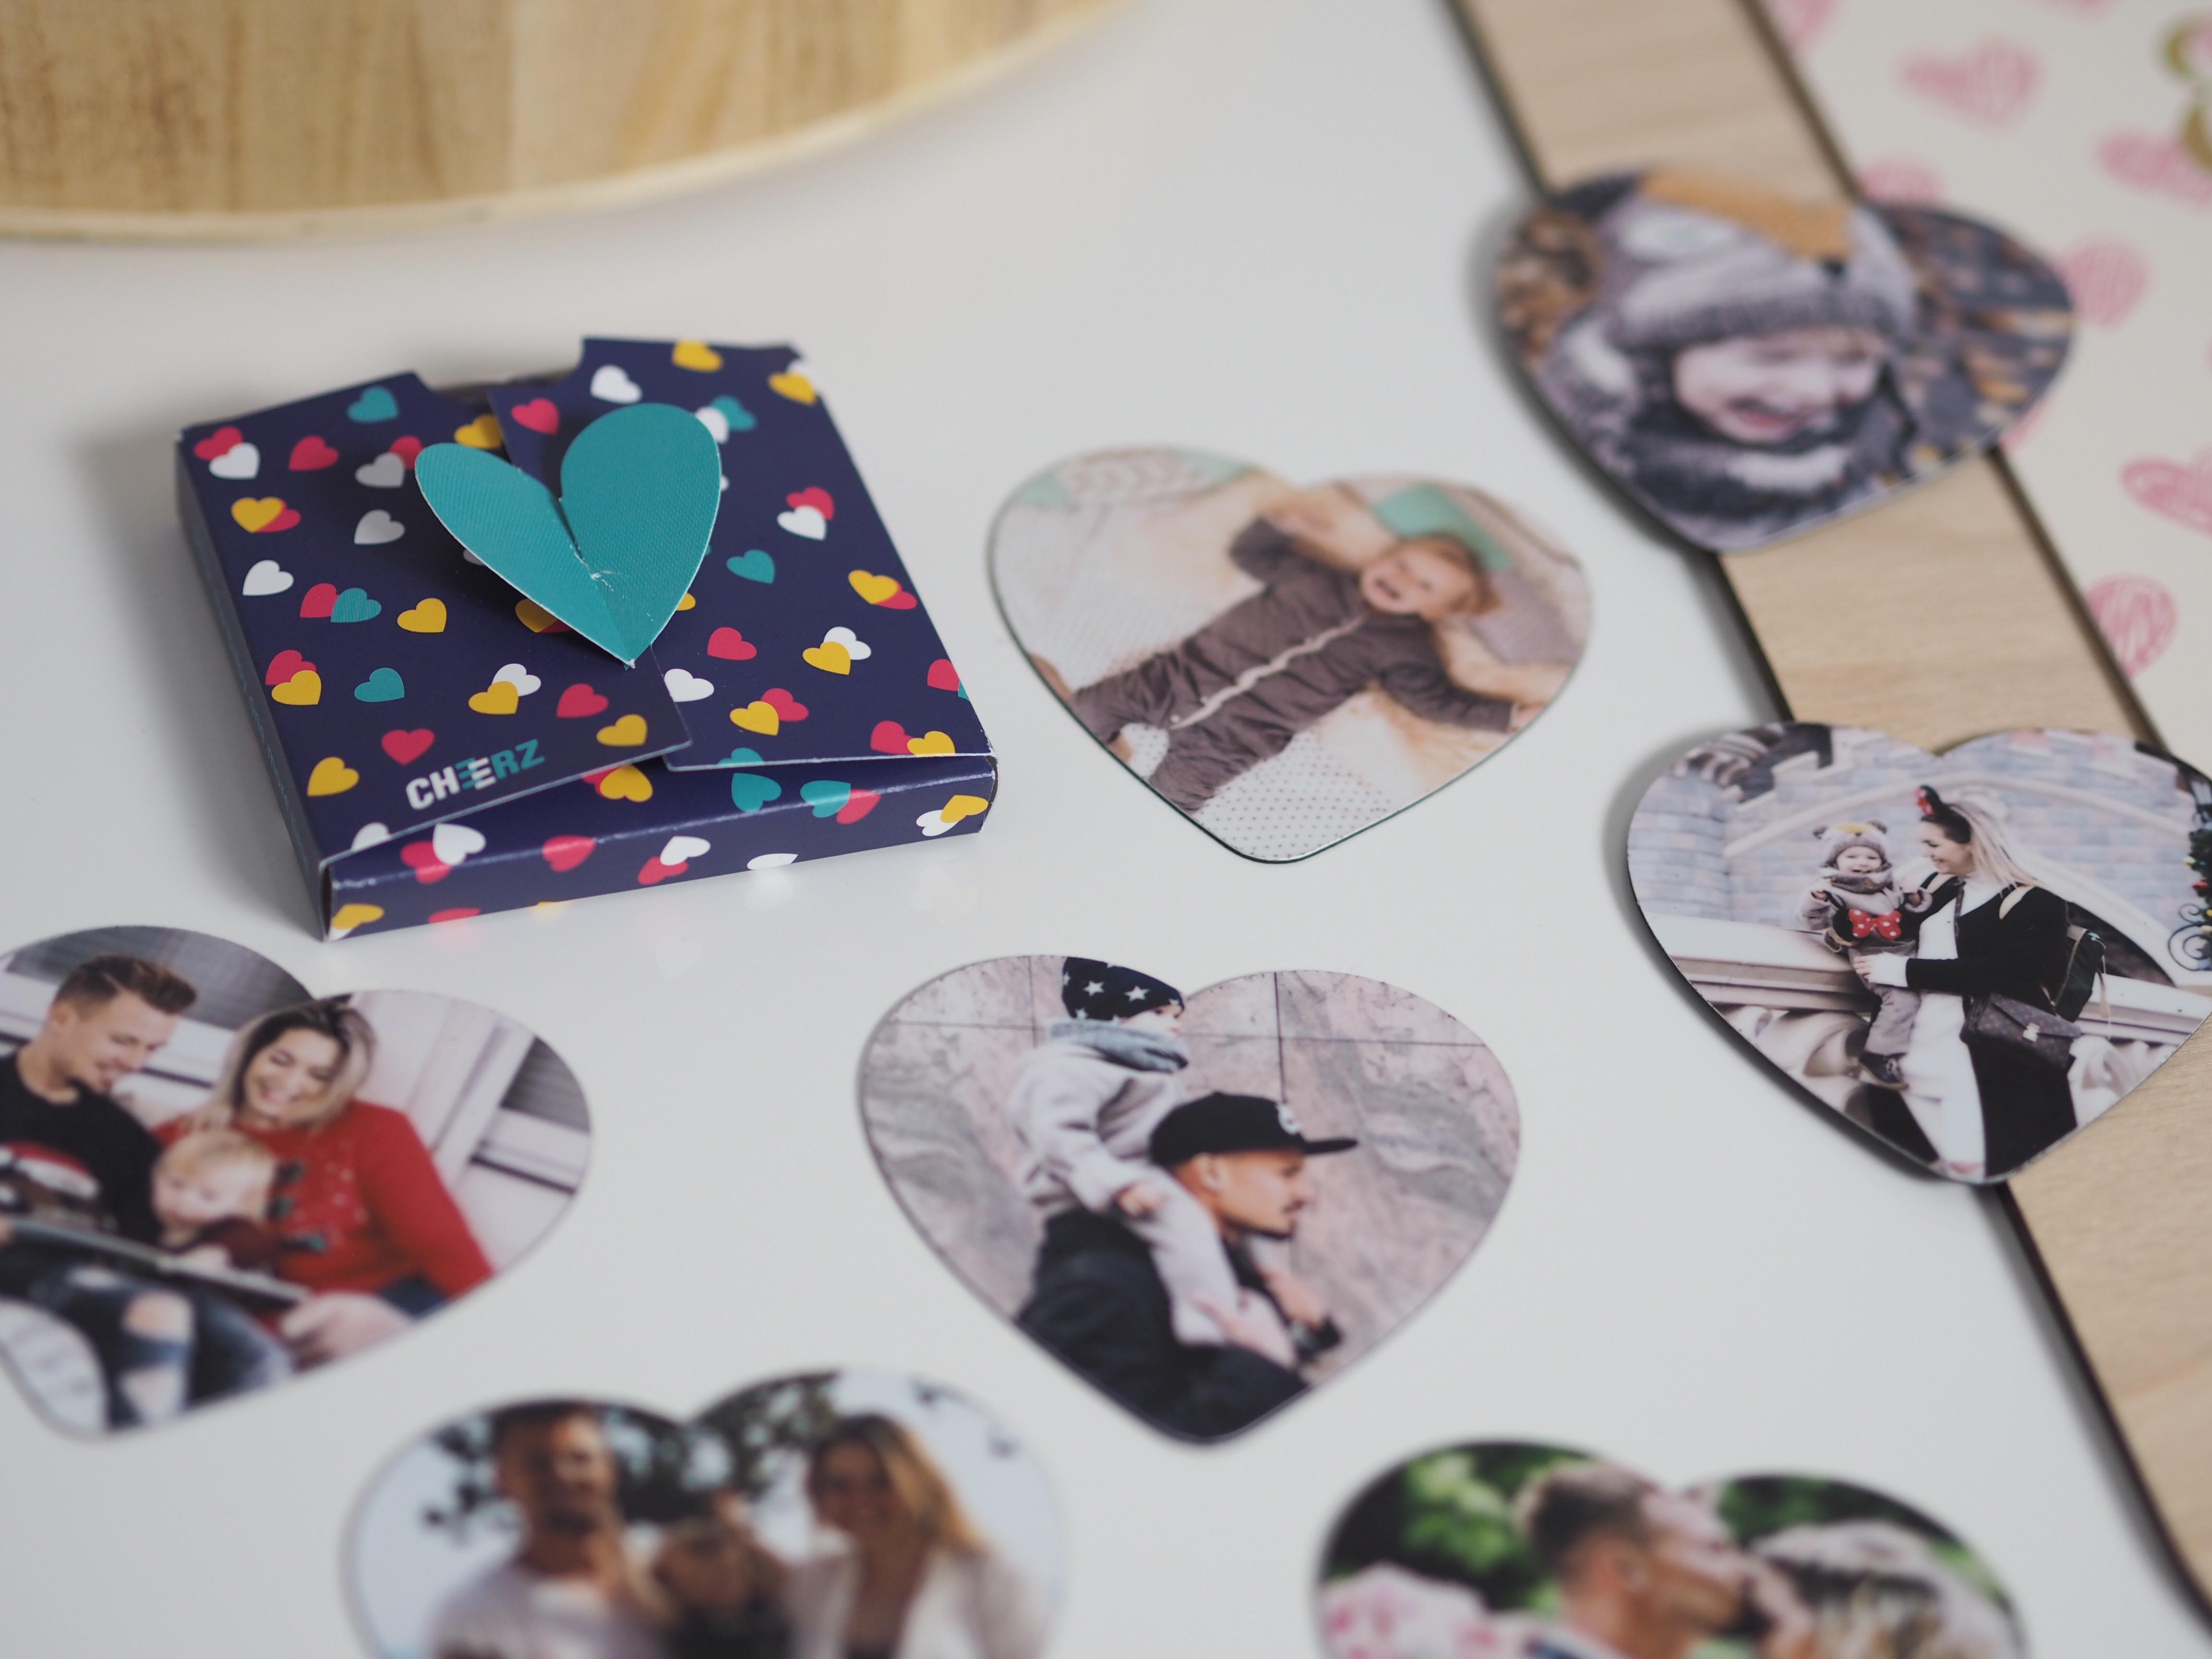 Herzmagnete von Cheerz als Valentinstagsgeschenk, Fotogeschenk, Fotobuch, Fotomagnet